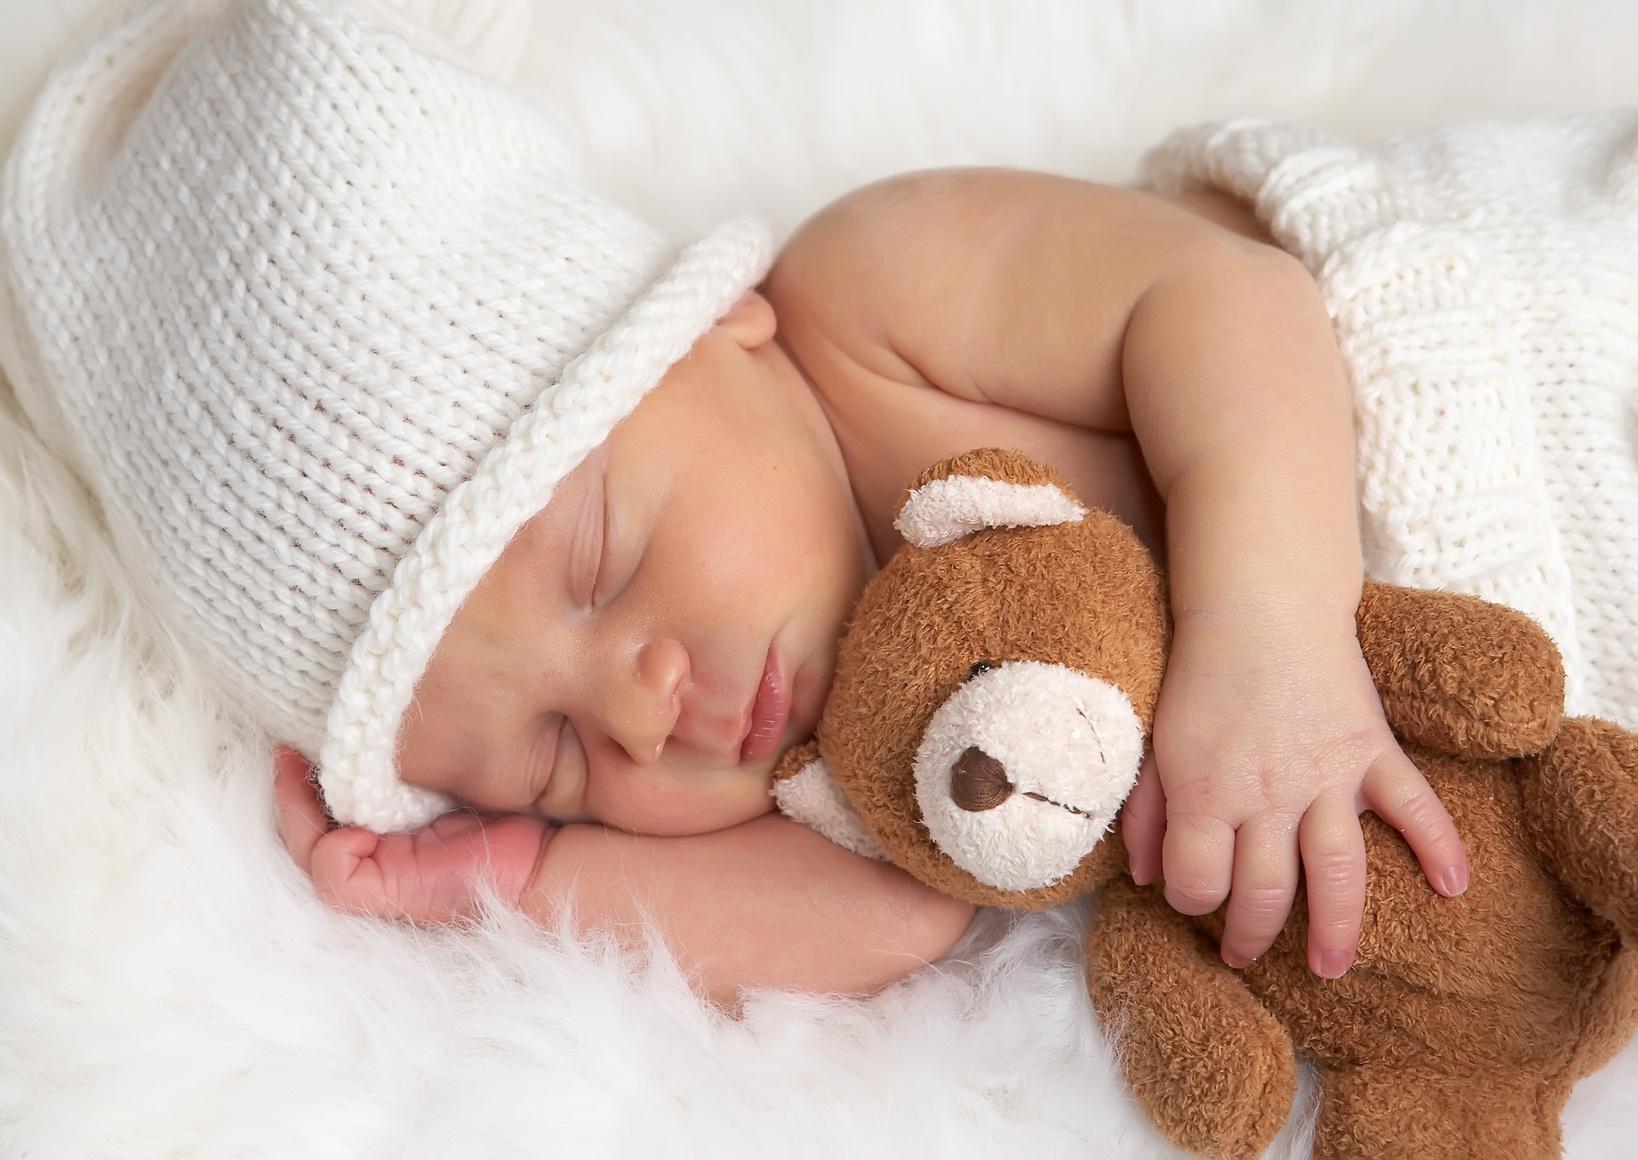 Как научить ребенка засыпать самостоятельно: советы психолога - 1